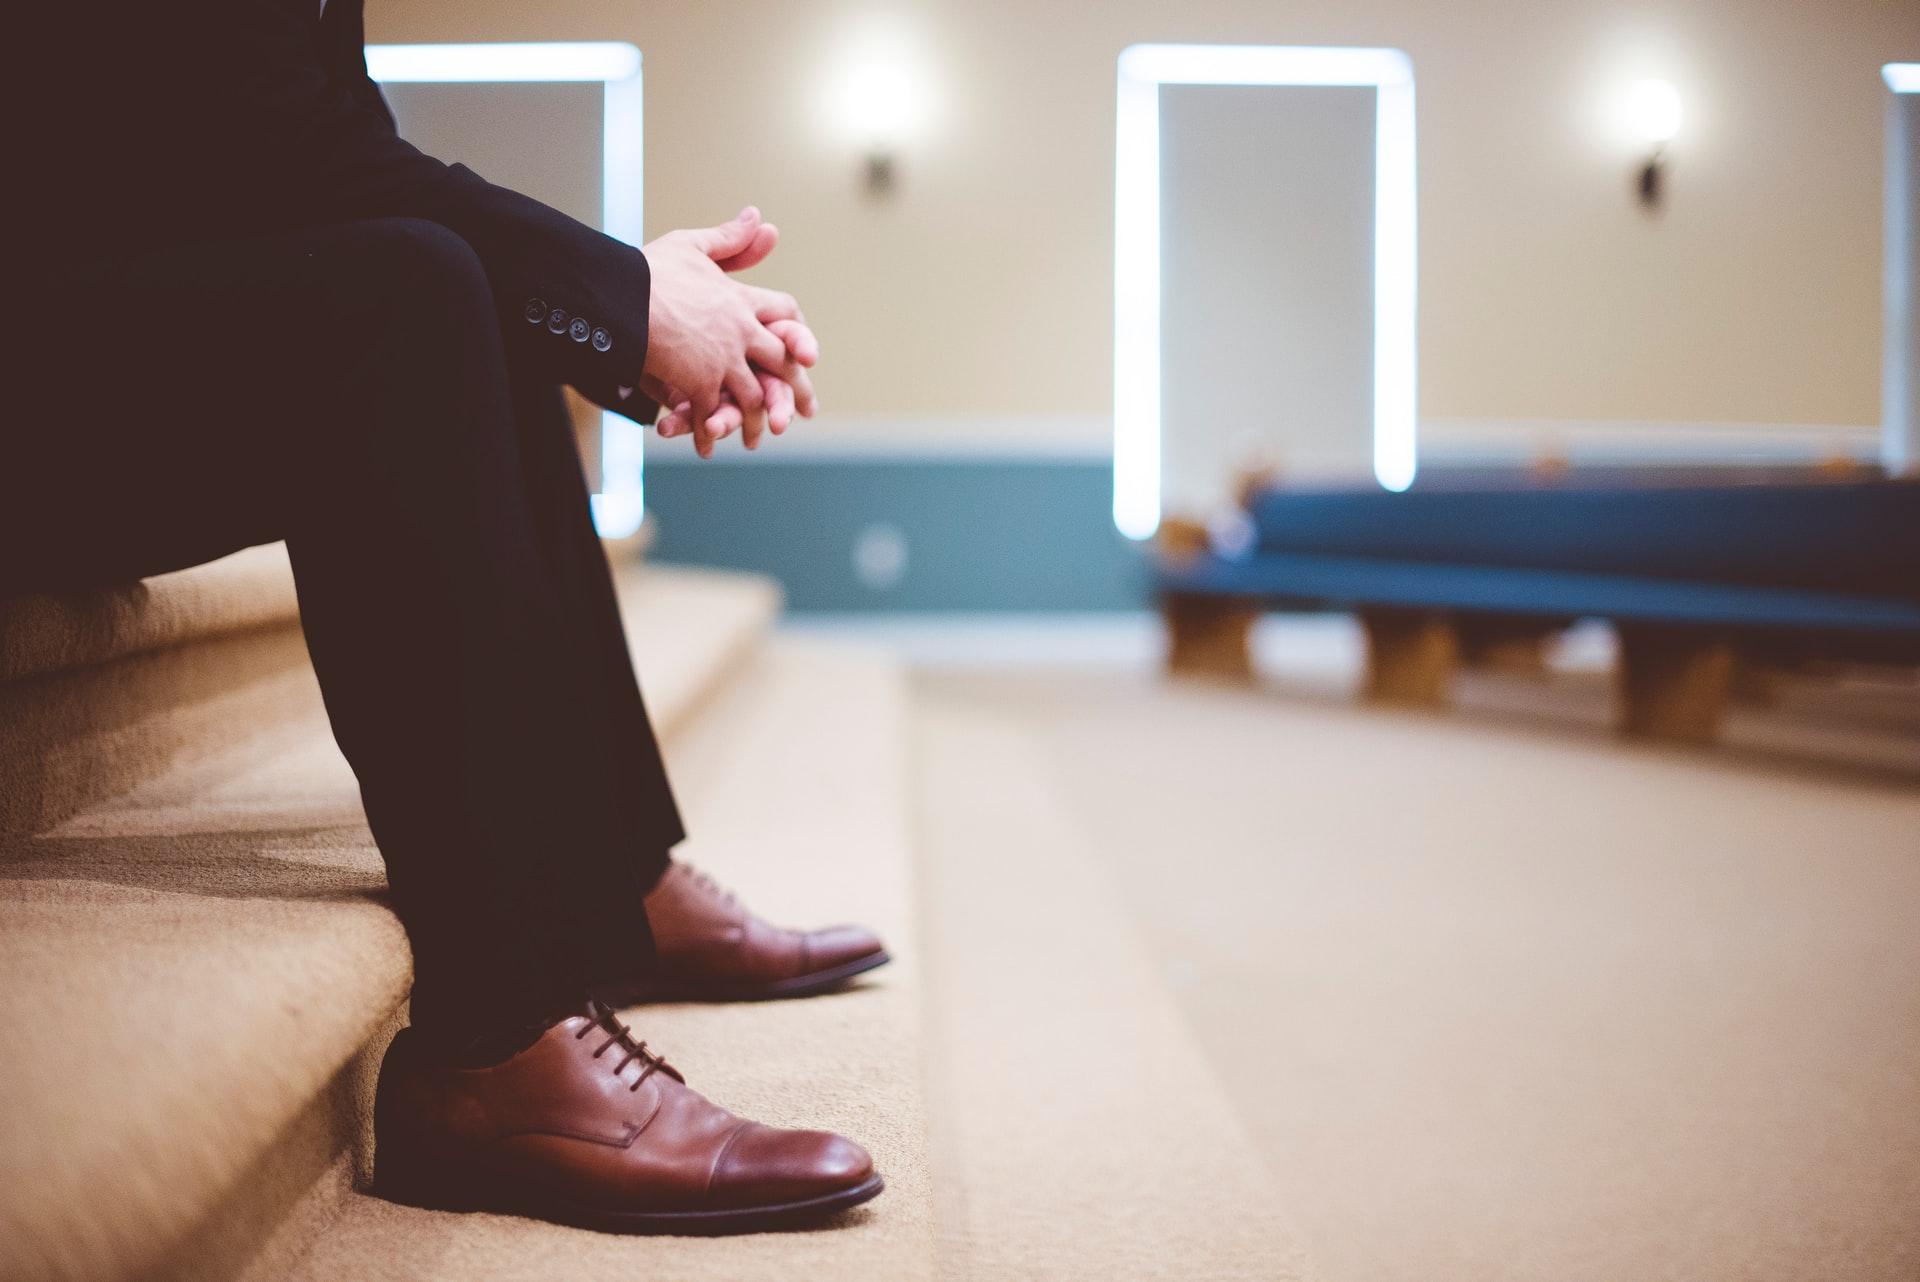 Habillement: comment influence-t-il votre carrière?